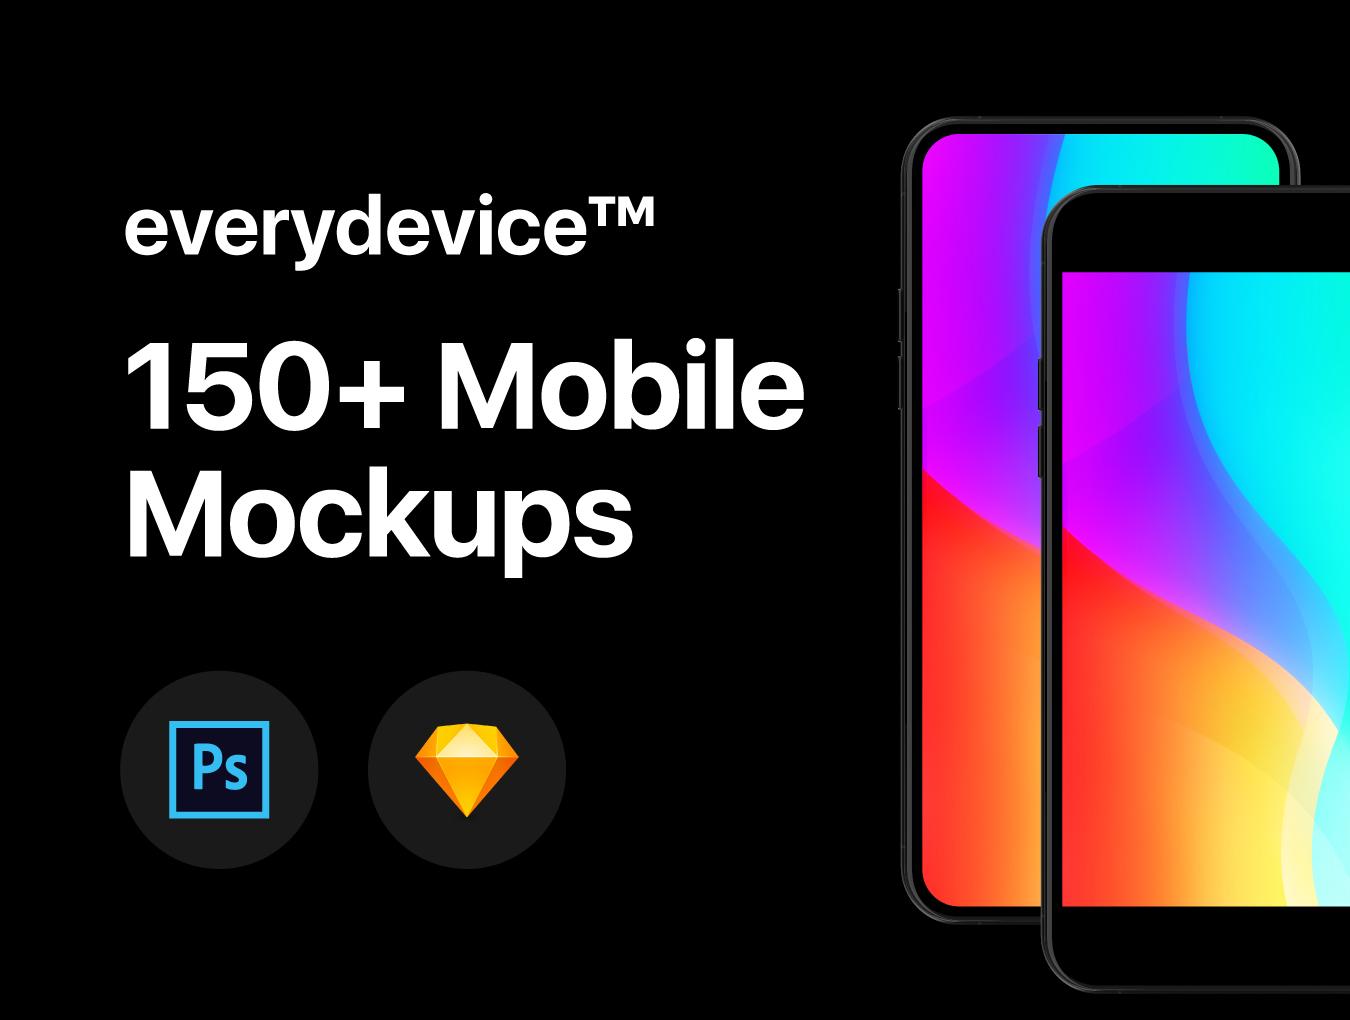 精美的150多种多角度通用手机样机 everydevice™ 150+ Mobile Mockups插图